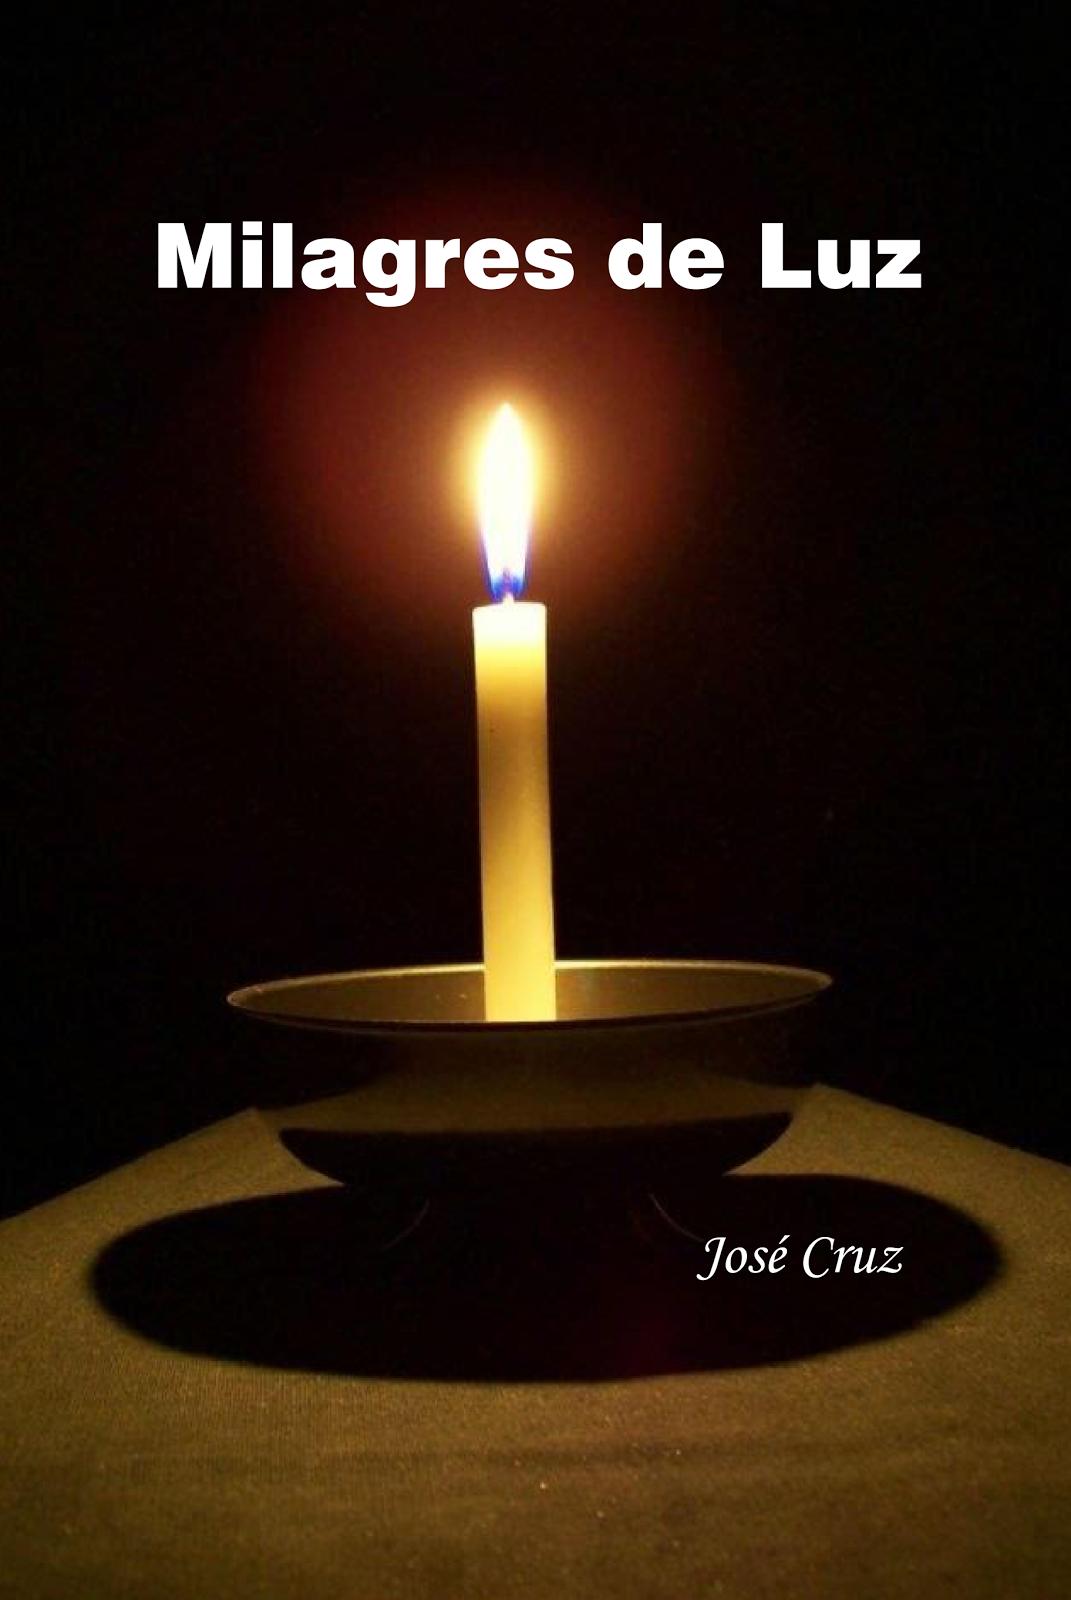 Milagres de Luz